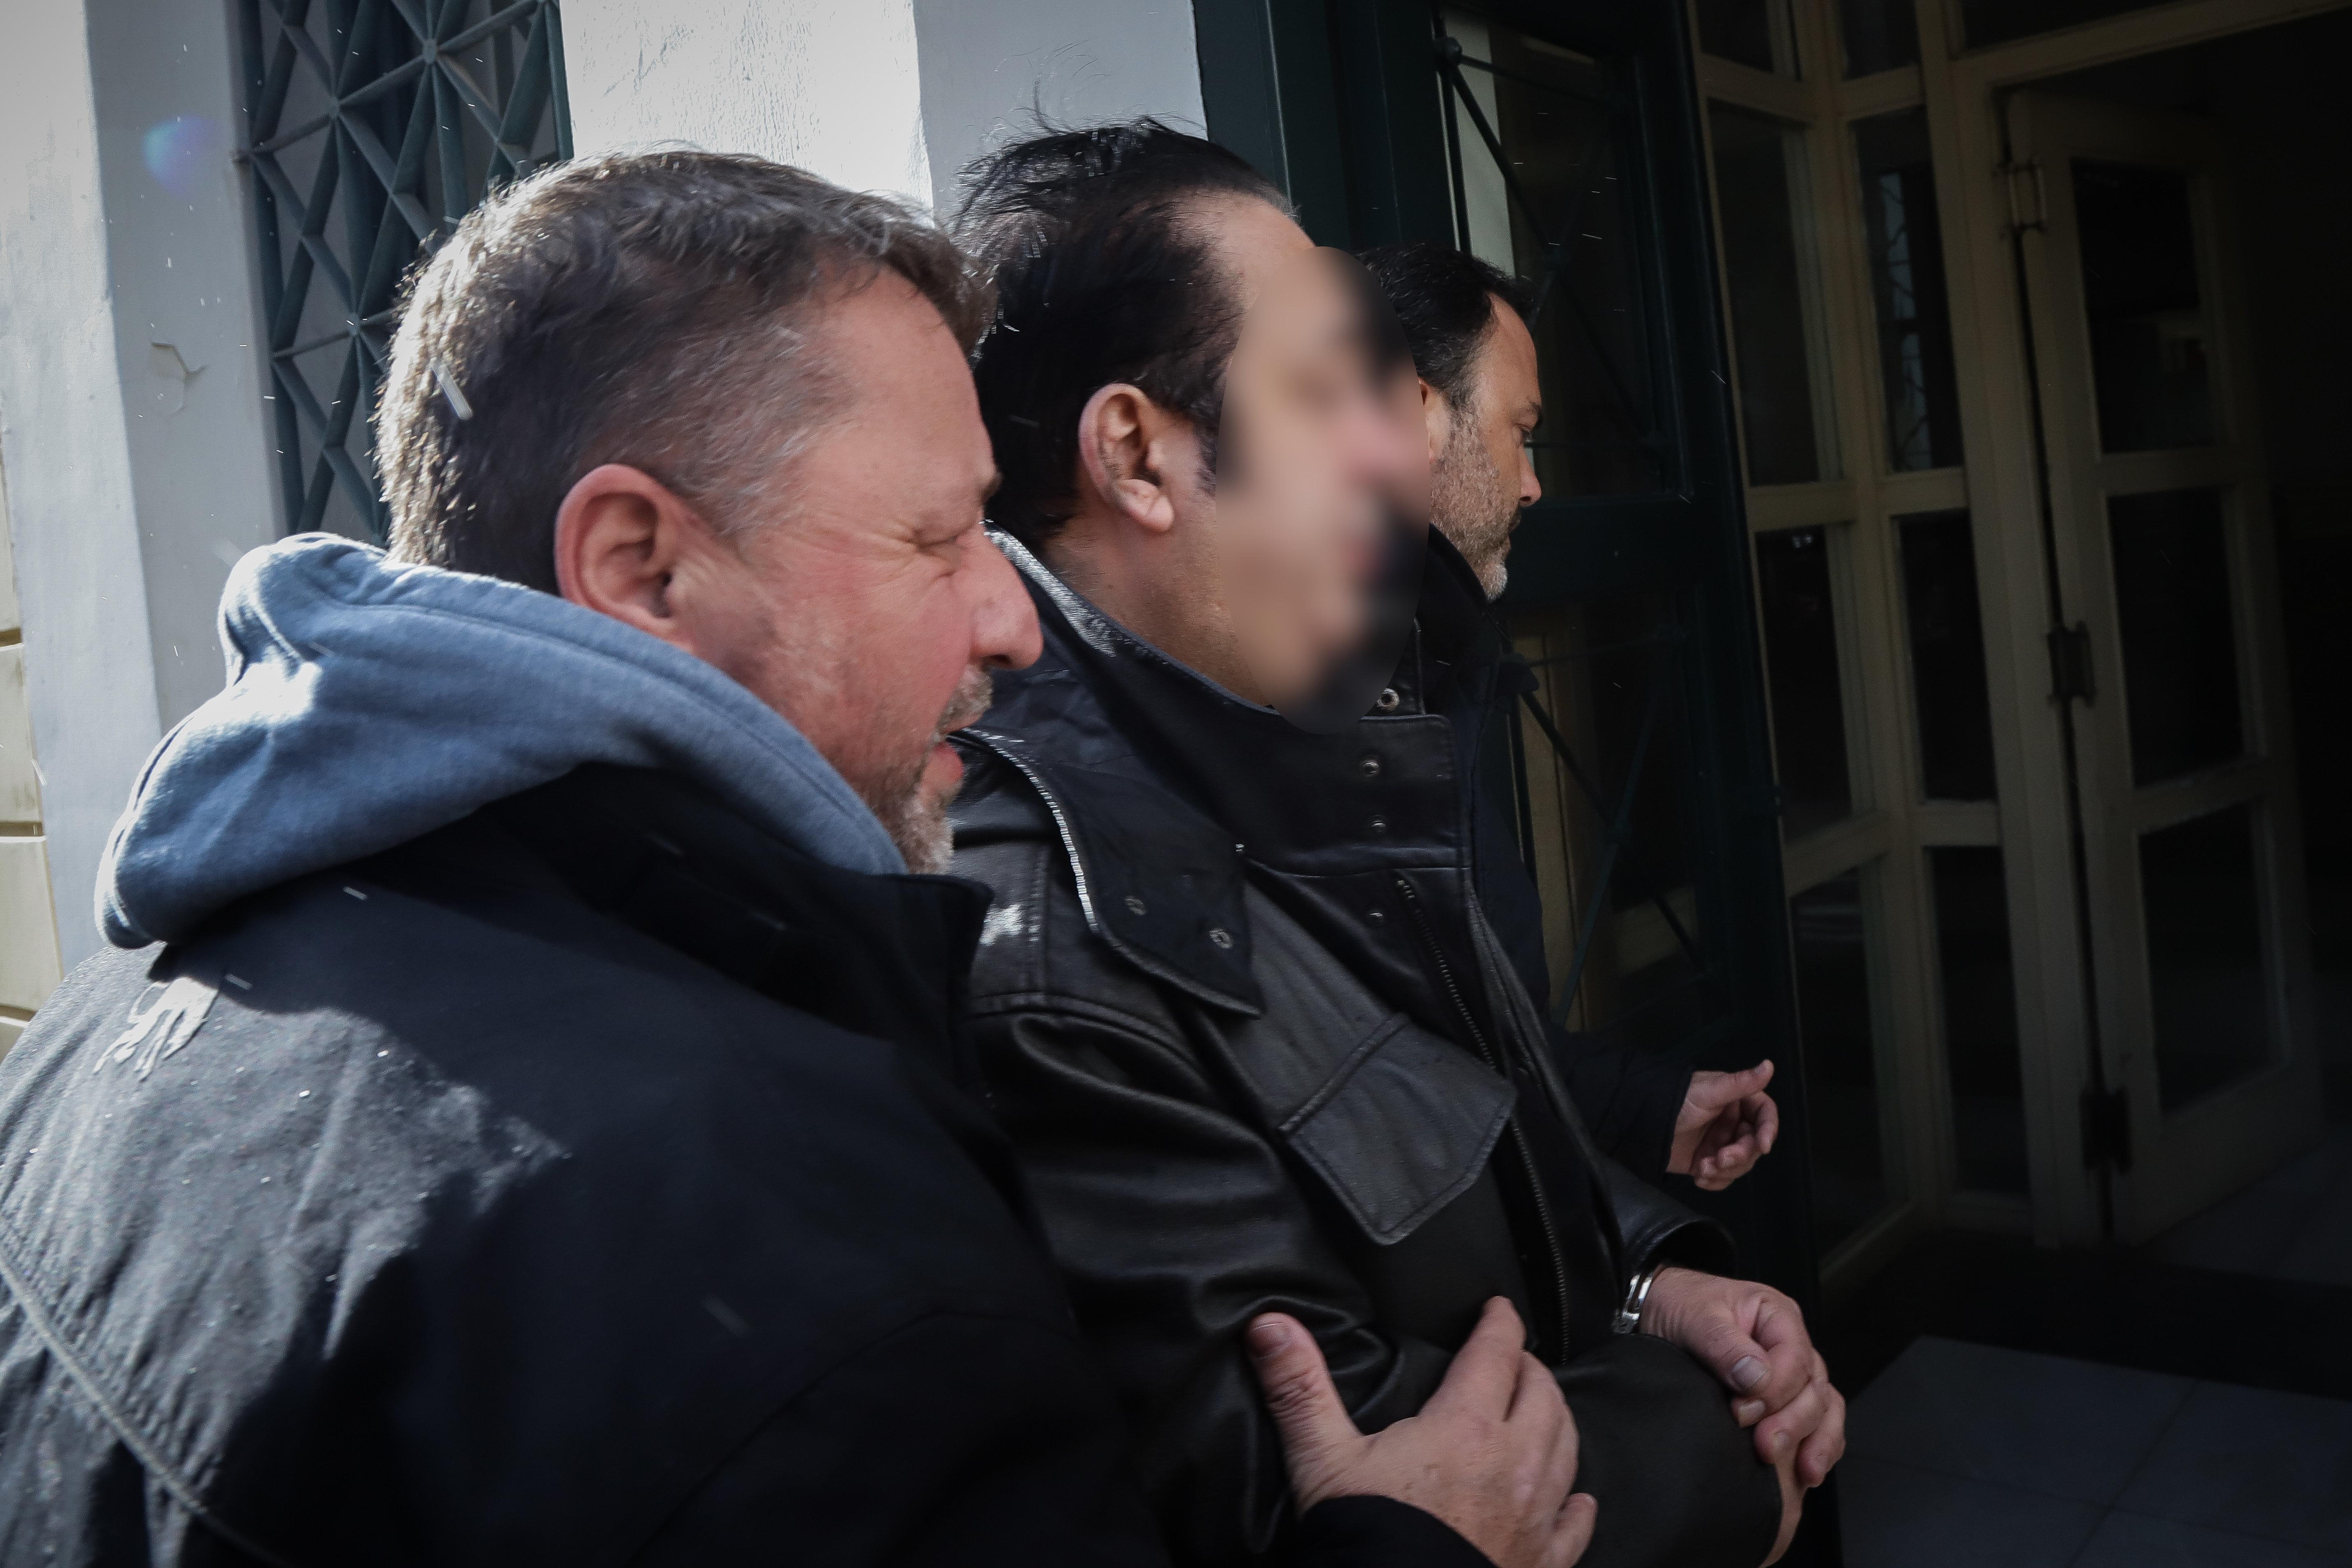 Tην Κυριακή απολογείται ο ενεχυροδανειστής που κατηγορείται για λαθρεμπόριο